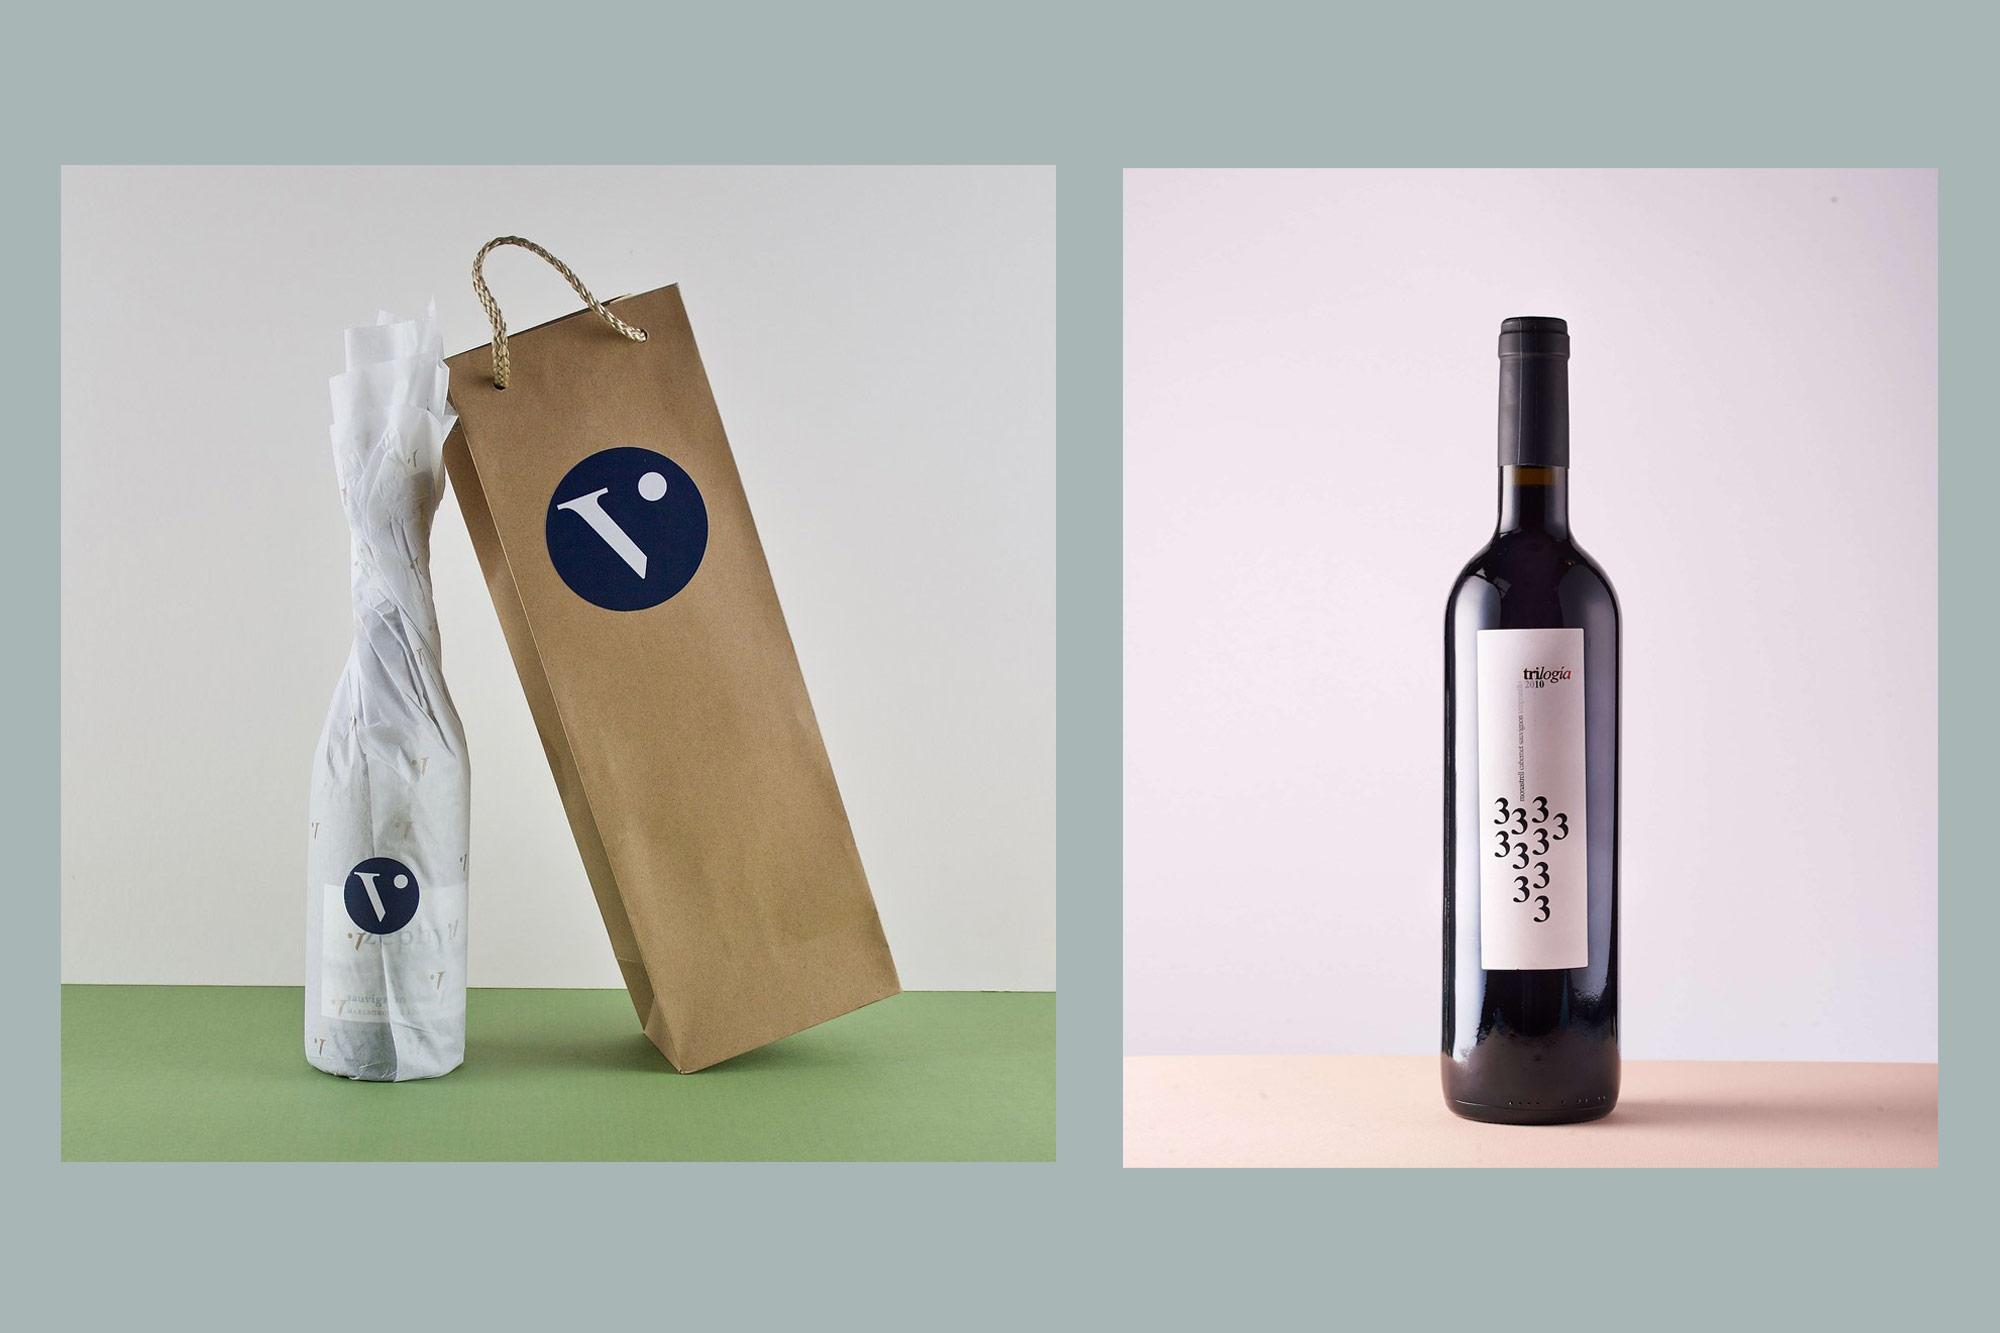 gareth-paul-jones-studio-design-vinterest-cs-v11b